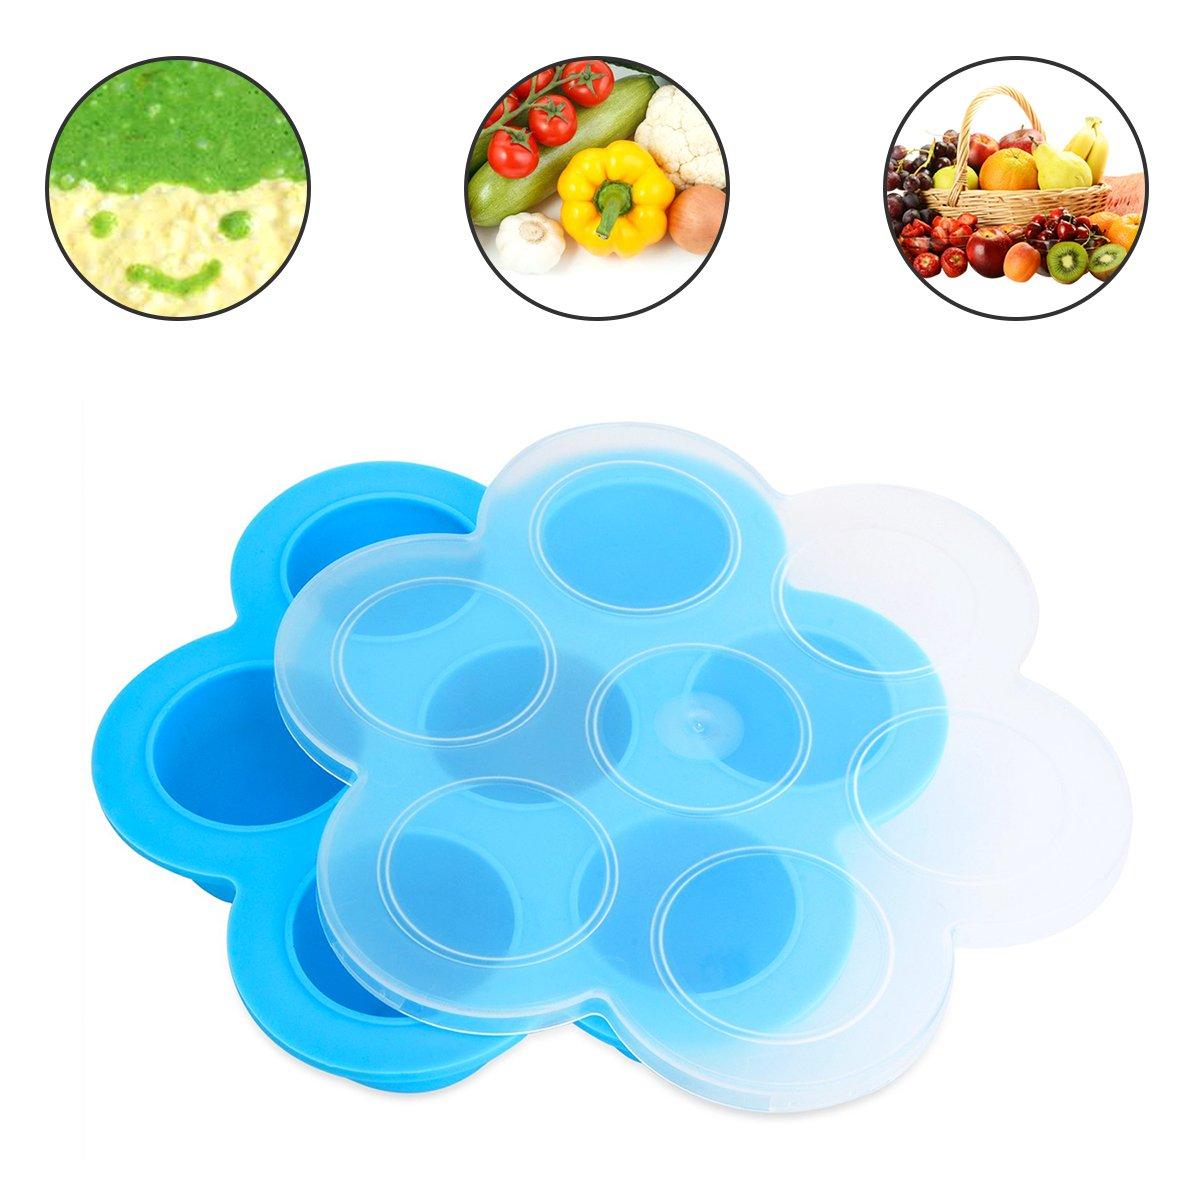 JER Silicone Moules à oeuf Dispositif Ustensiles de Cuisine pour pot instantané 5,6,8 qt Contenants de stockage de moules réutilisables Aliments pour bébés faits maison - Légumes, purées de fruits